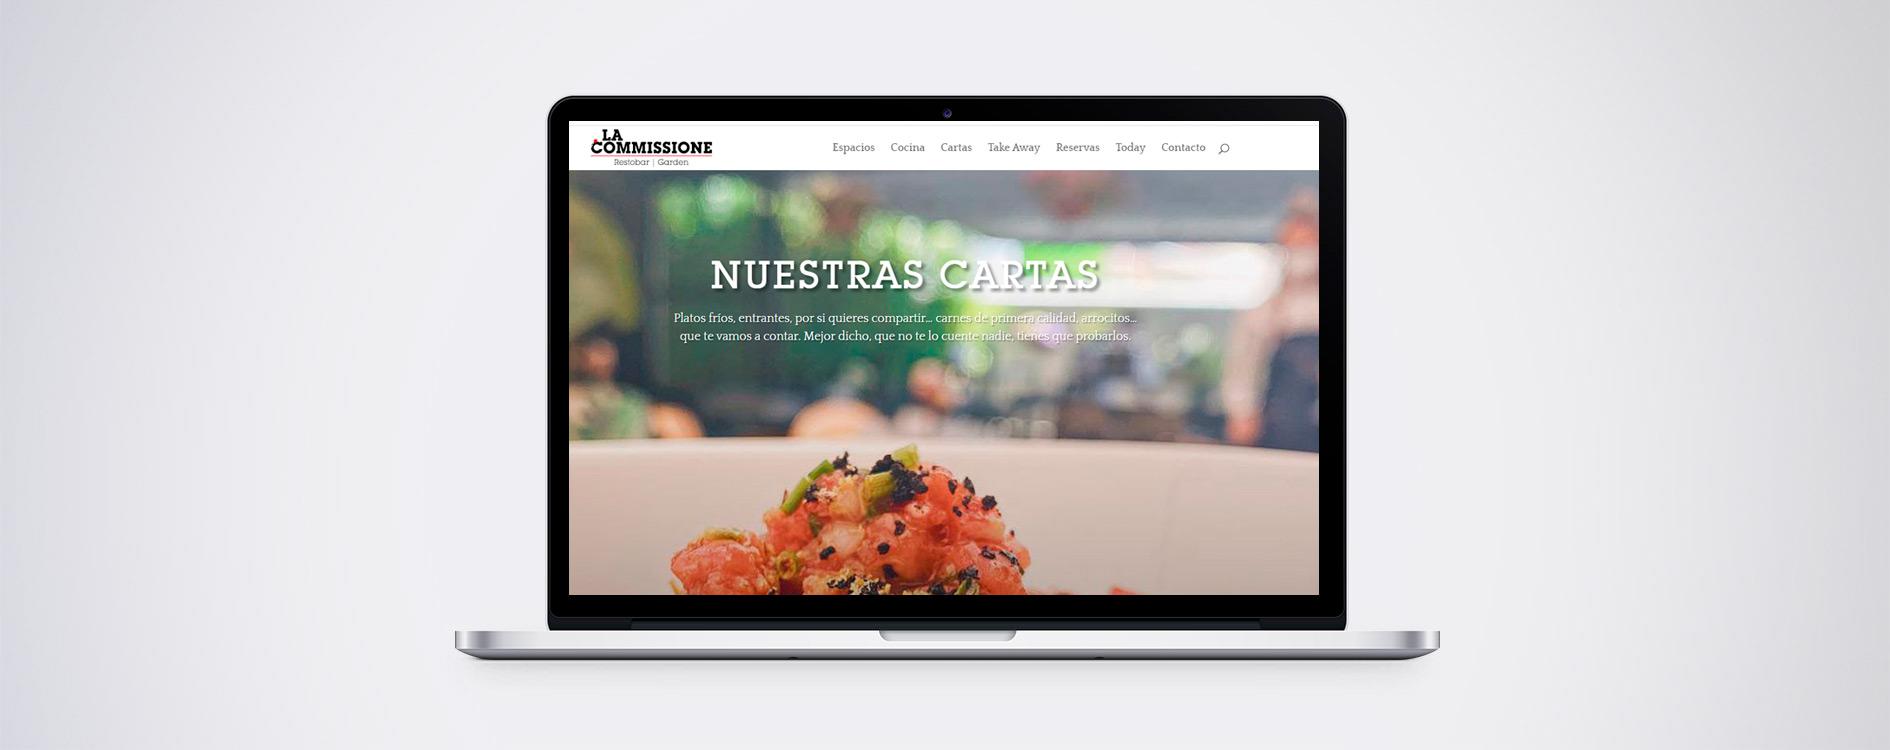 Desarrollo web La Commissione